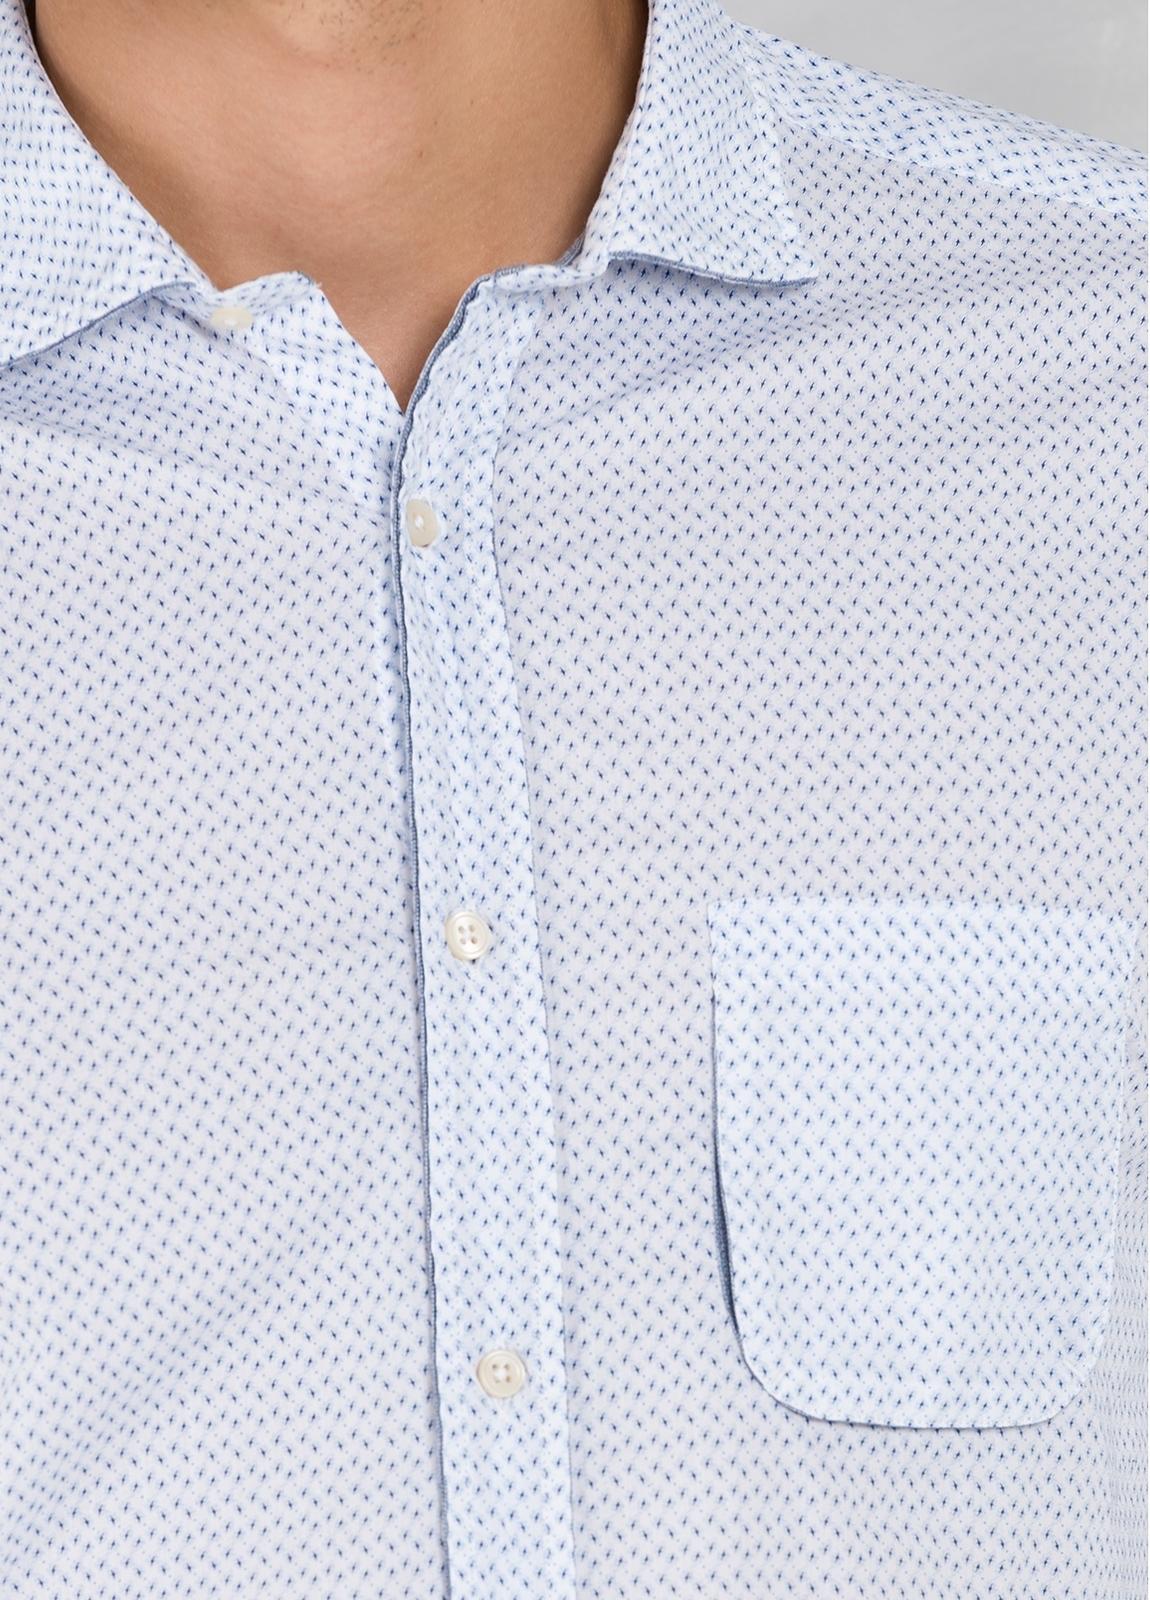 Camisa sport SLIM FIT microestampado color celeste con pliegue en espalda y bolsillo. 100% algodón. - Ítem2